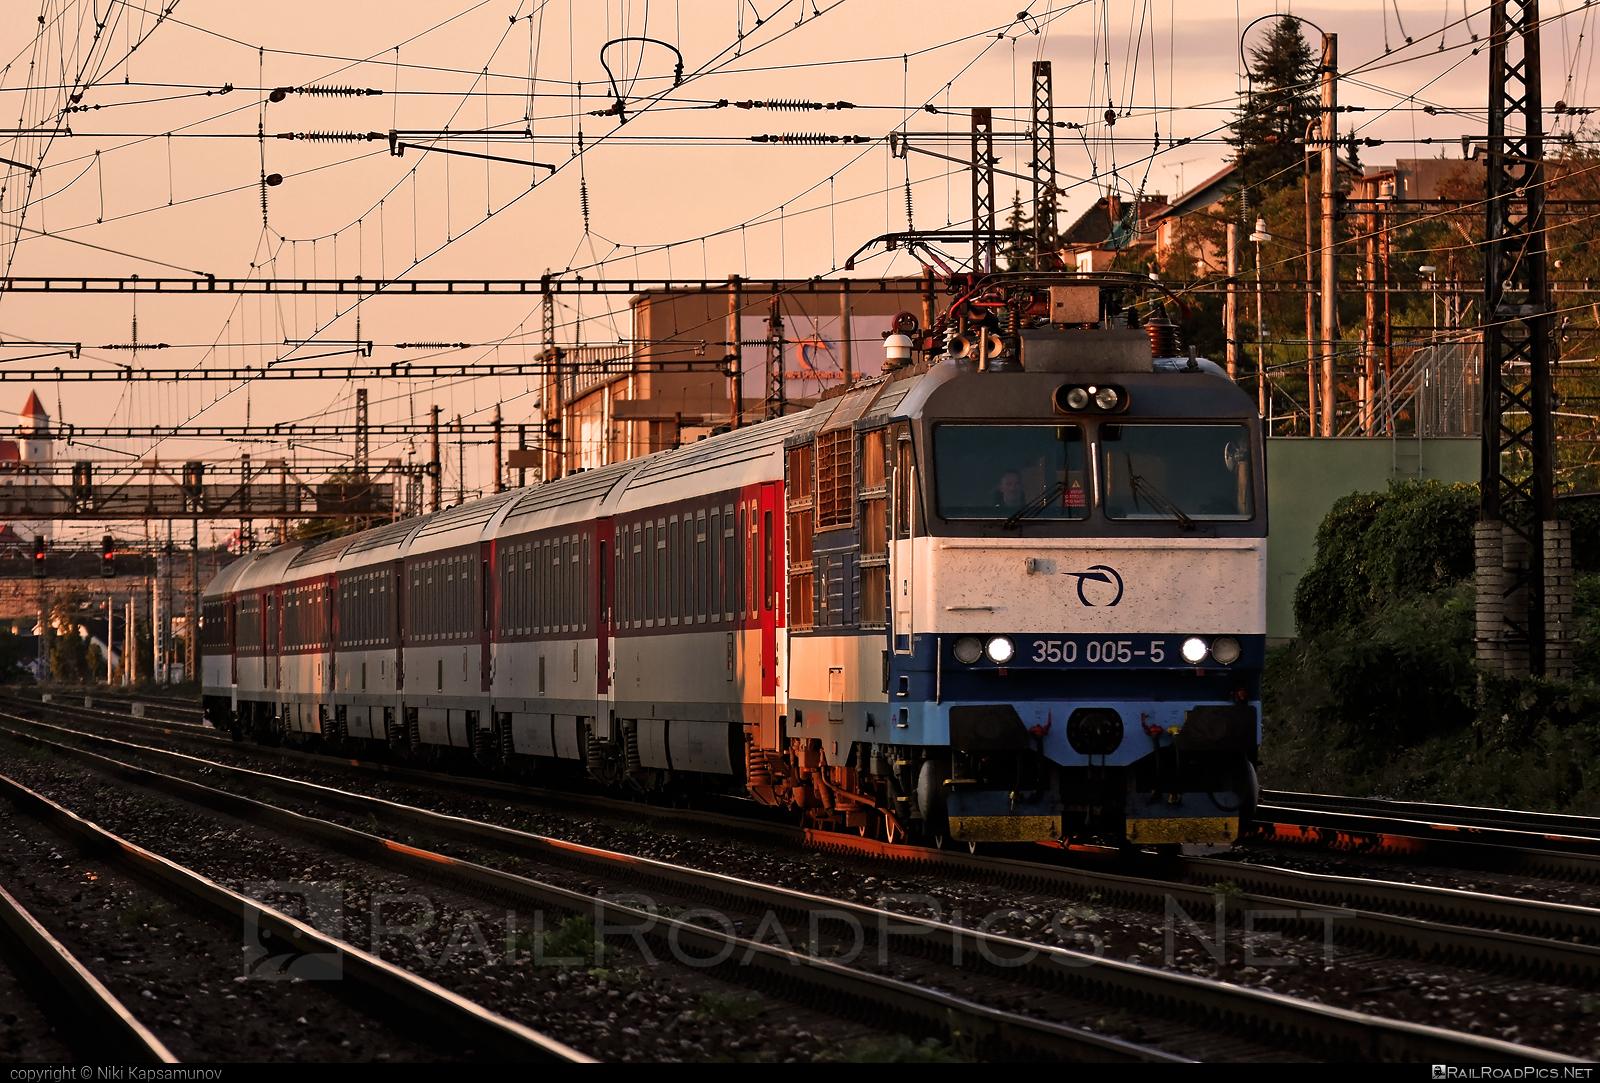 Škoda 55E - 350 005-5 operated by Železničná Spoločnost' Slovensko, a.s. #gorila #locomotive350 #skoda #skoda55e #zssk